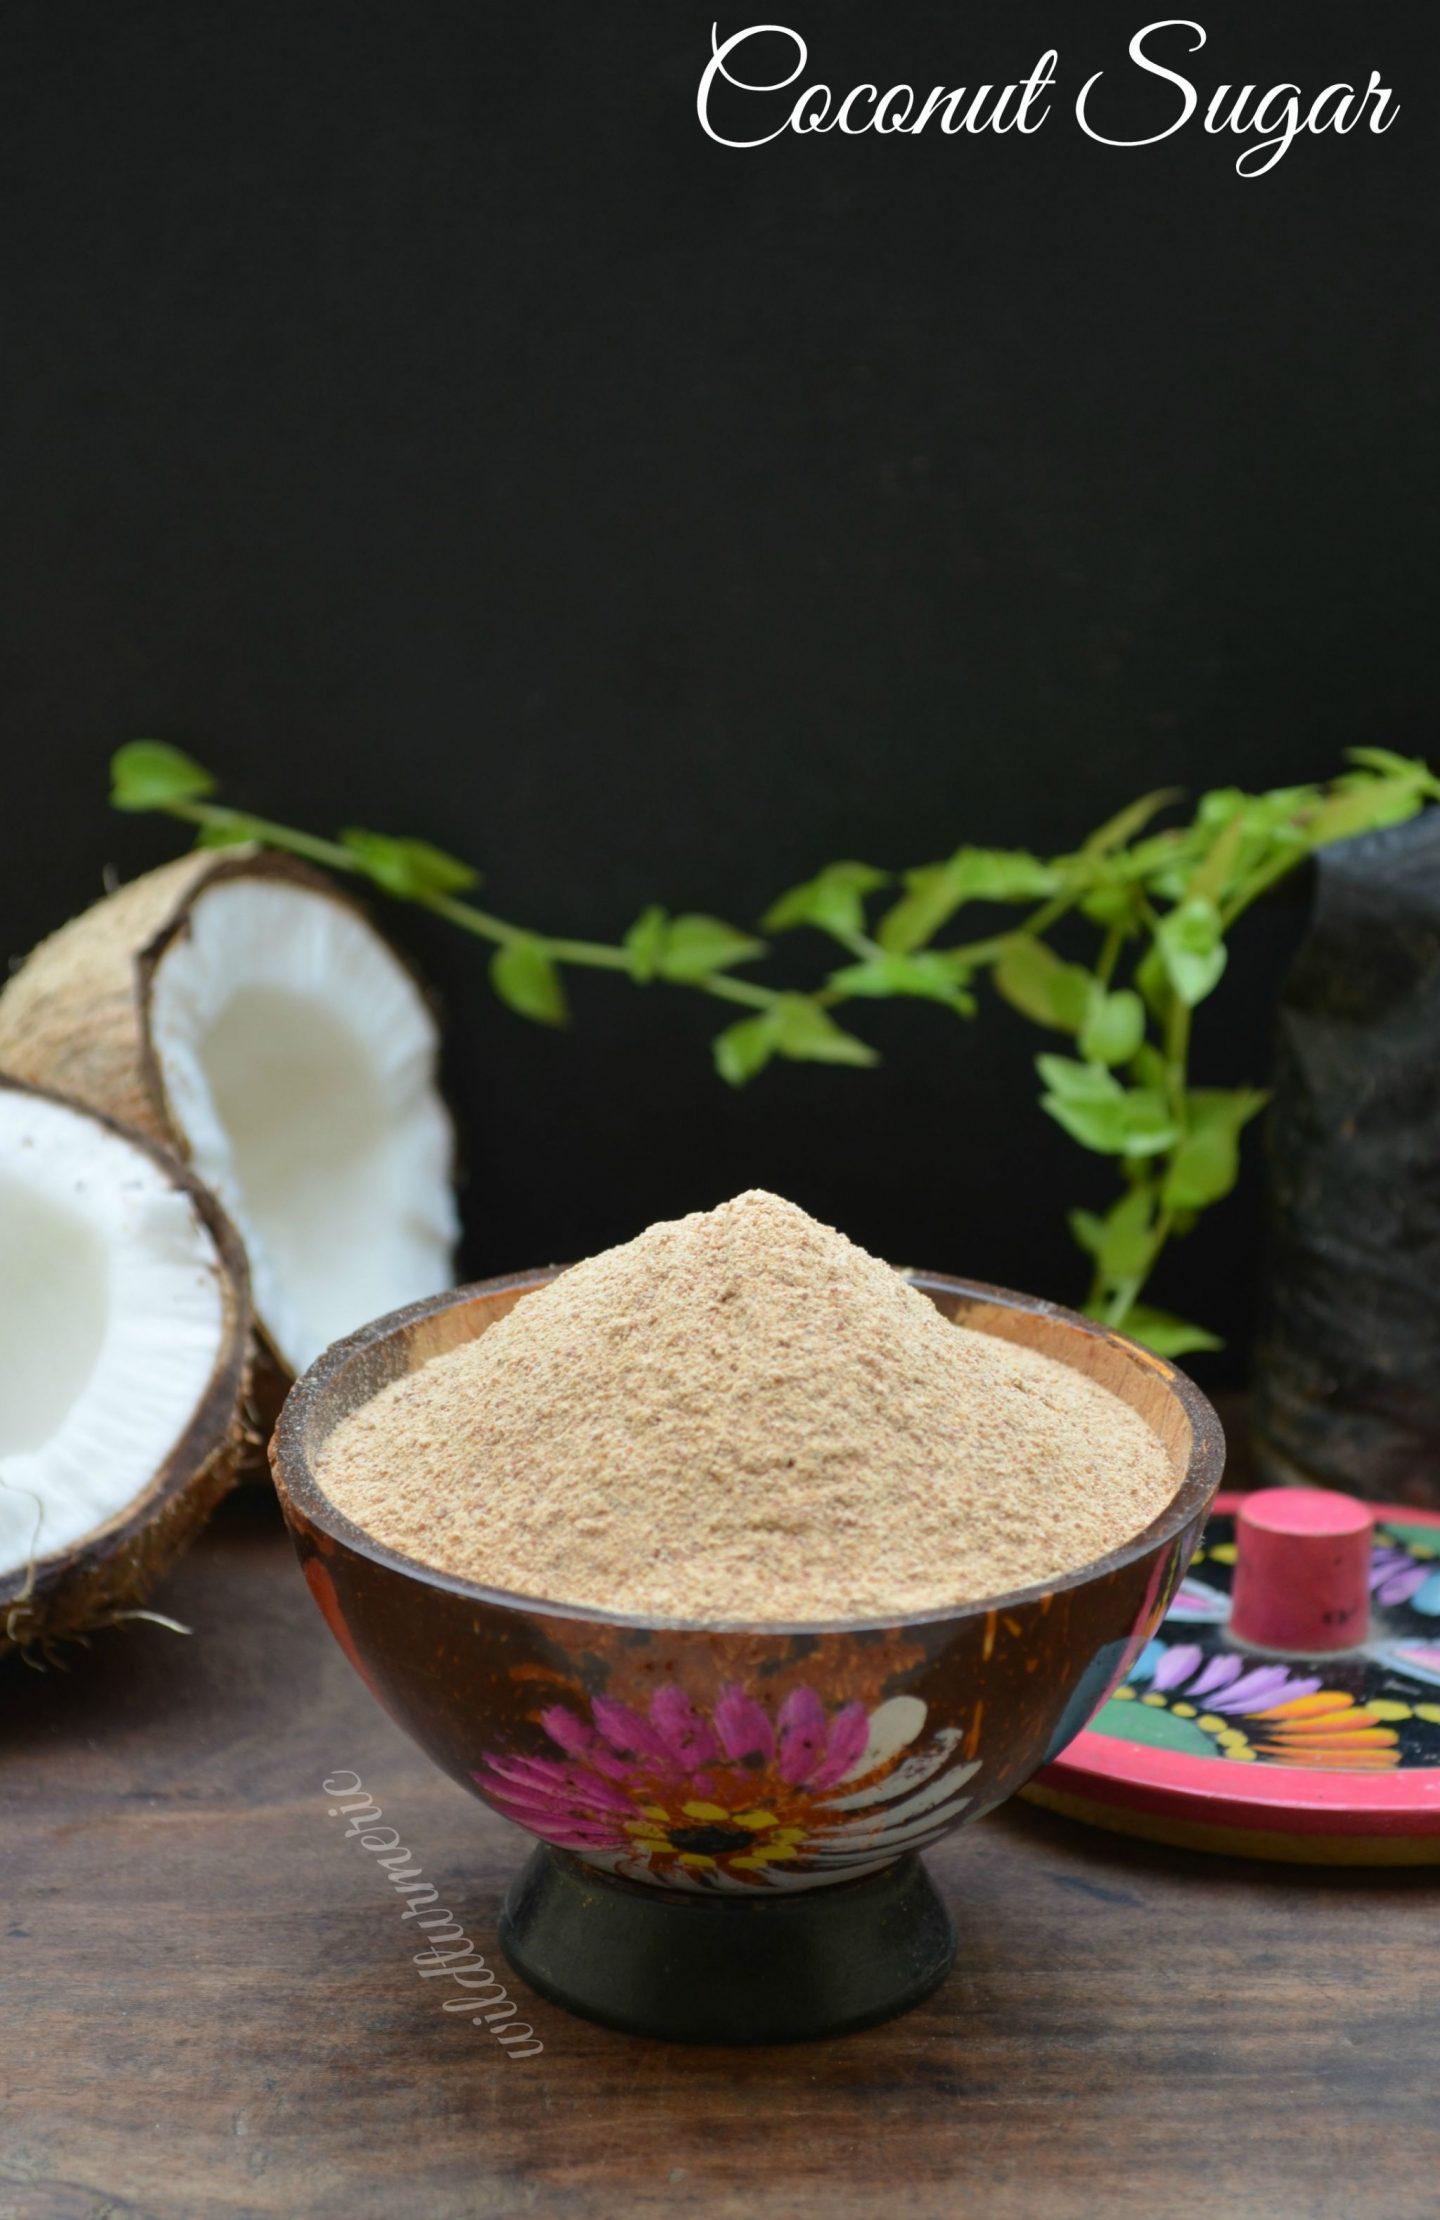 palm sugar uses